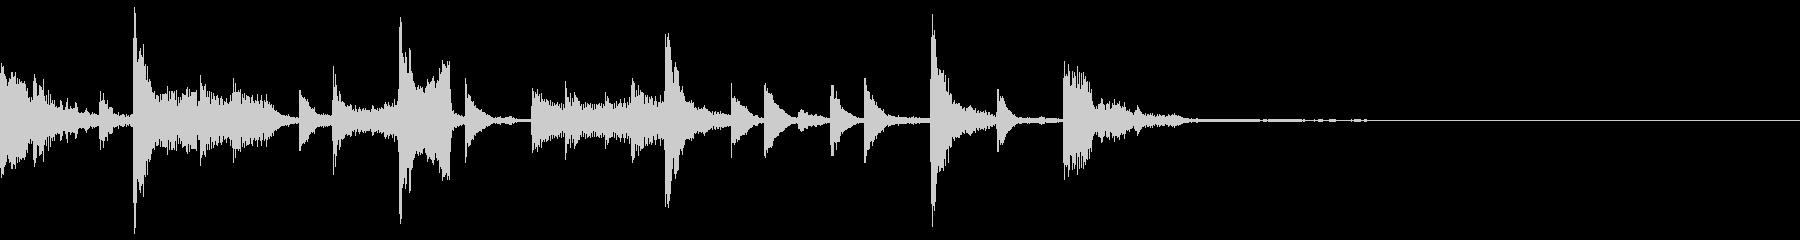 軽快な電子音のジングルの未再生の波形